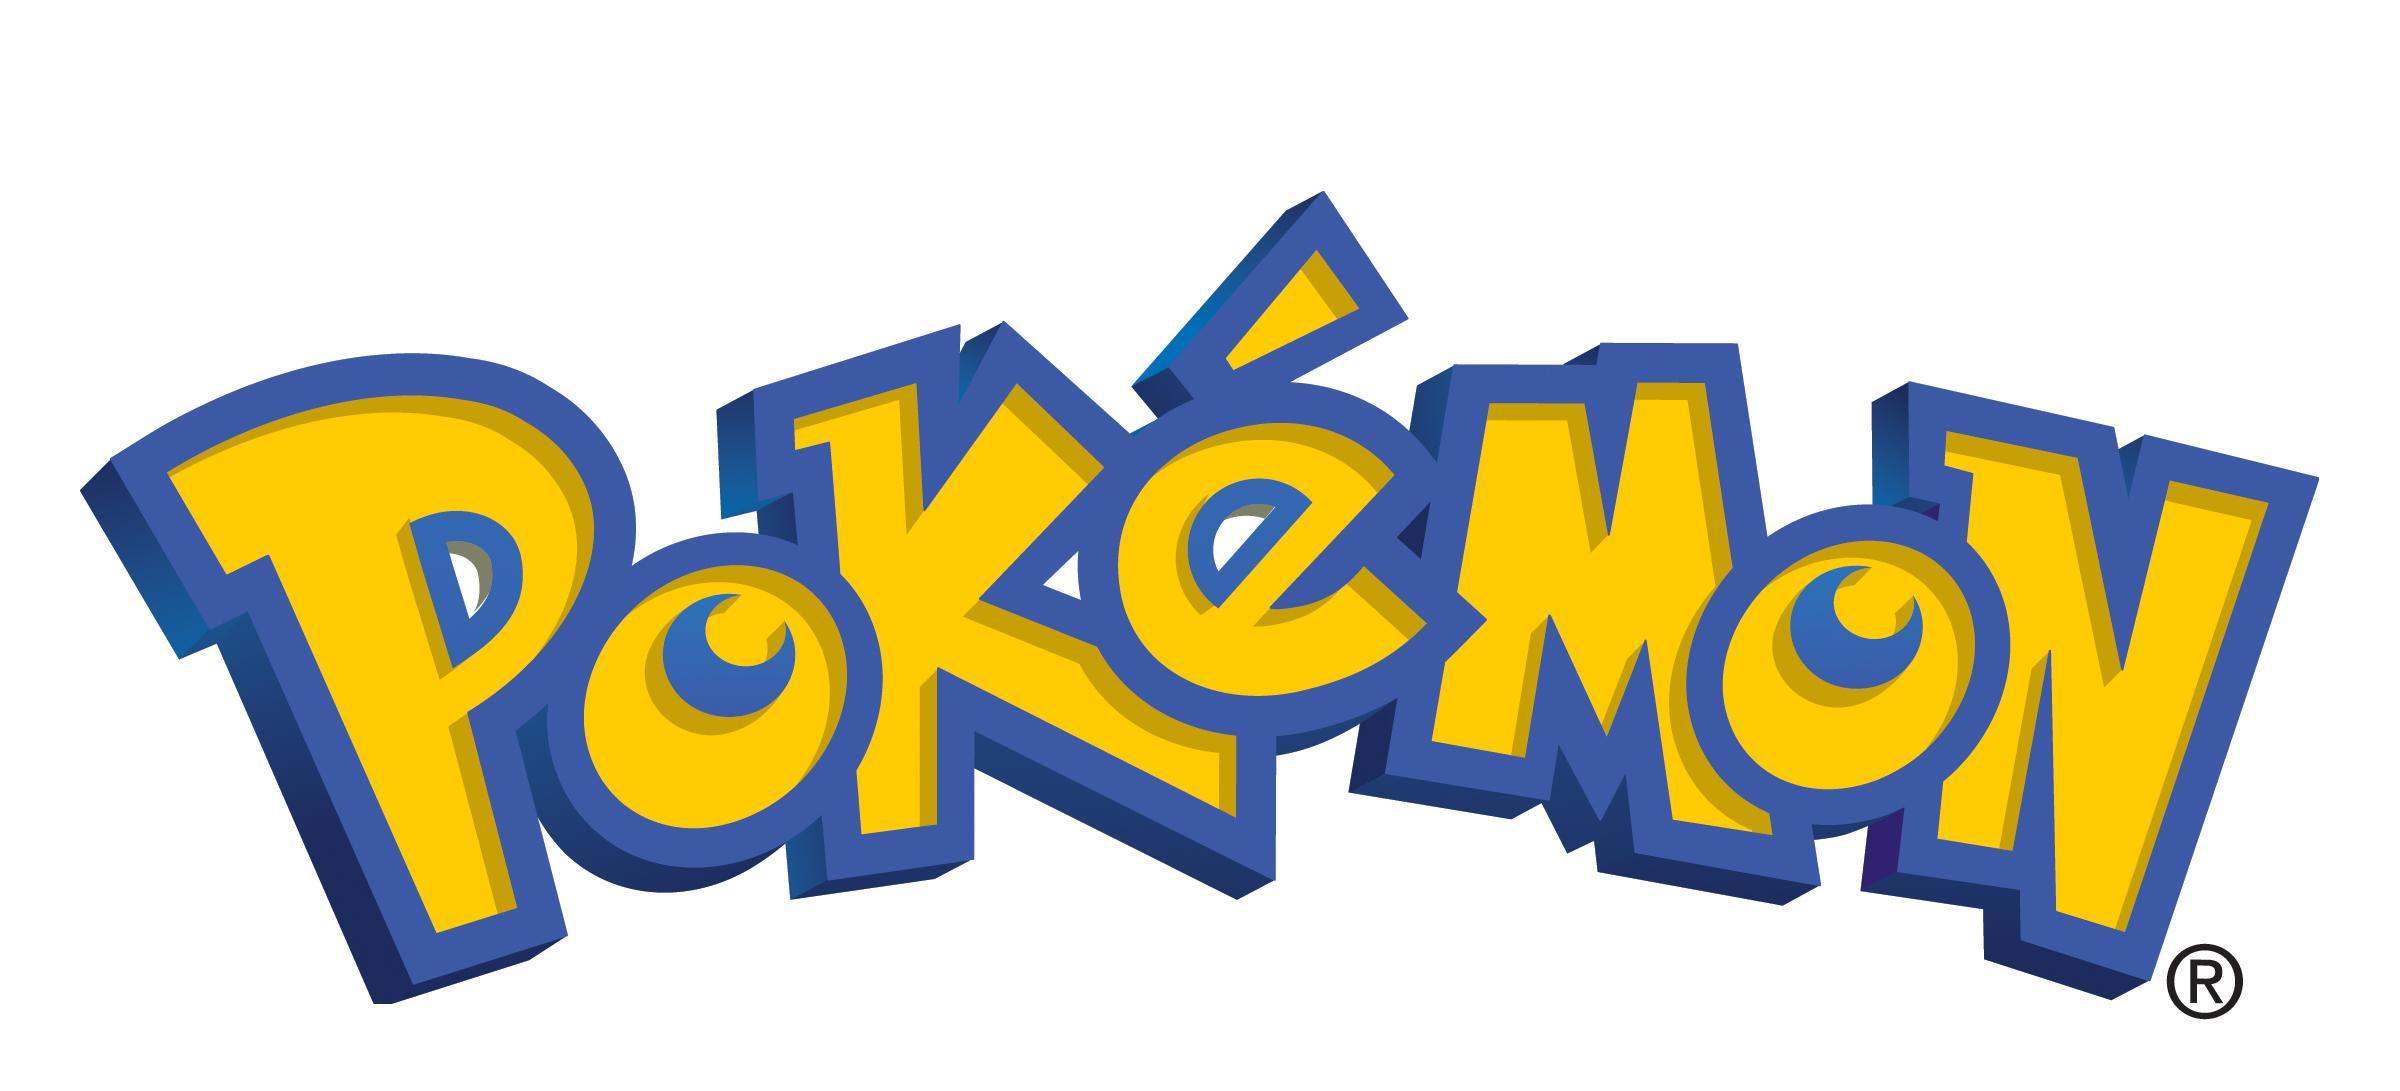 pok mon logo hi res pok mon know your meme rh knowyourmeme com pokemon logo font style pokemon logo font download